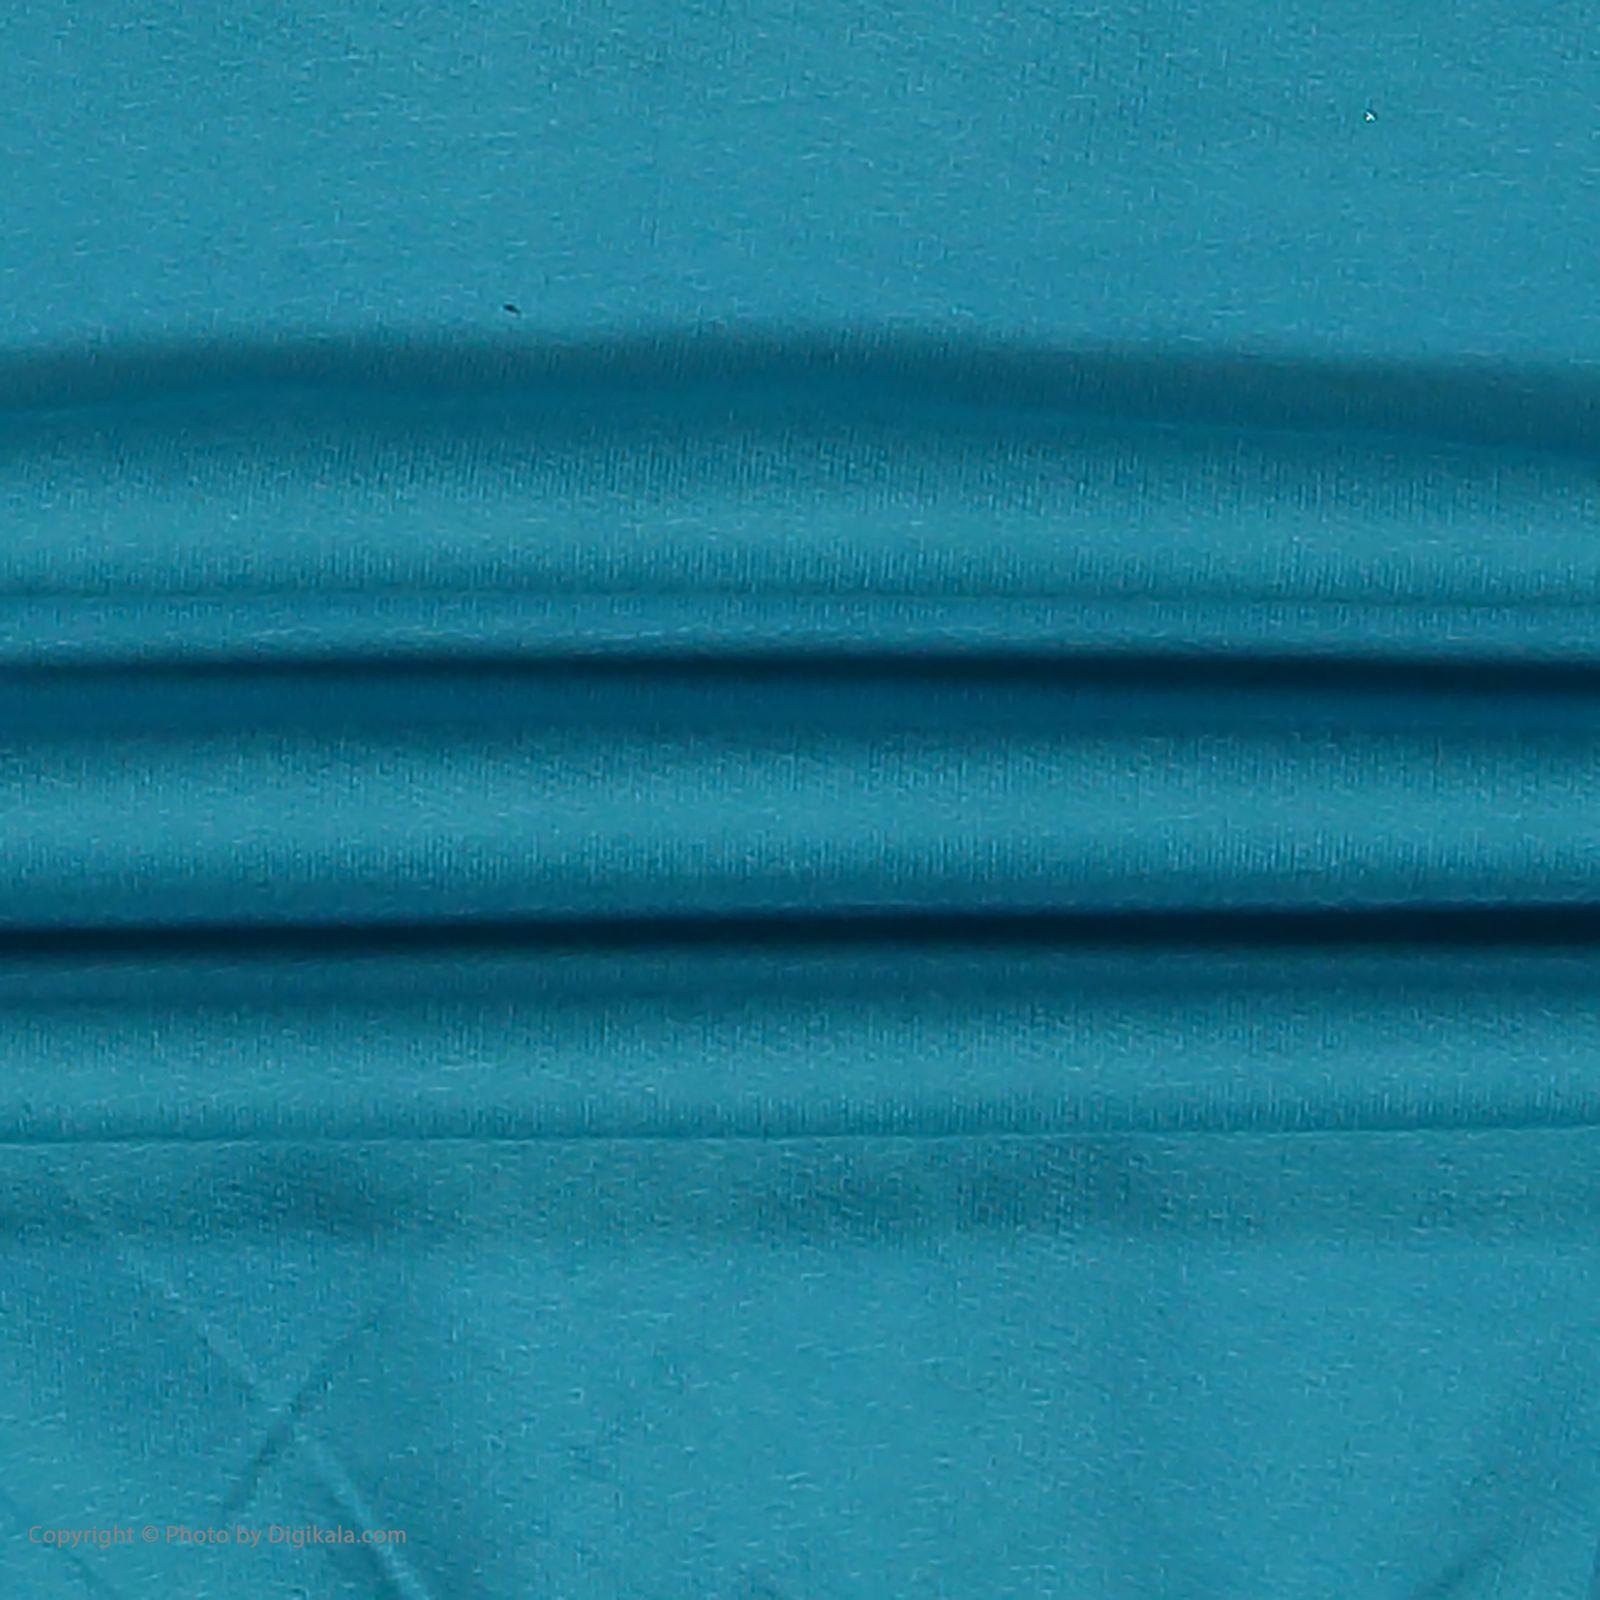 سویشرت پسرانه سون پون مدل 1391368-52 -  - 5